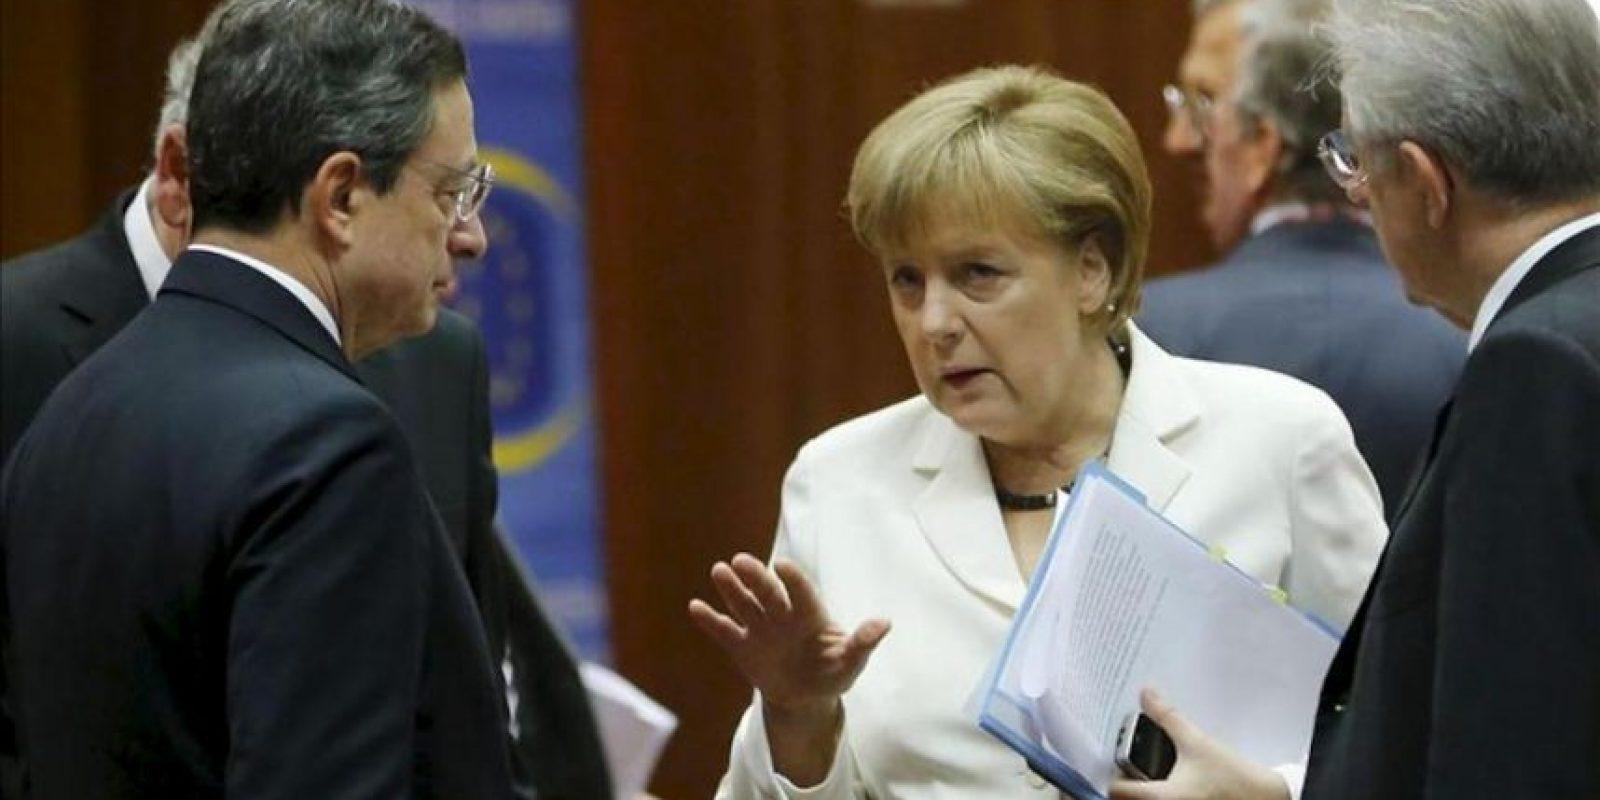 La canciller alemana Angela Merkel (c), charla con el presidente del Banco Central Europeo, Mario Draghi (izq), junto al primer ministro italiano, Mario Monti (der), hoy durante la segunda jornada de la cumbre de jefes de Estado y de Gobierno de la Unión Europea en Bruselas, Bélgica. EFE